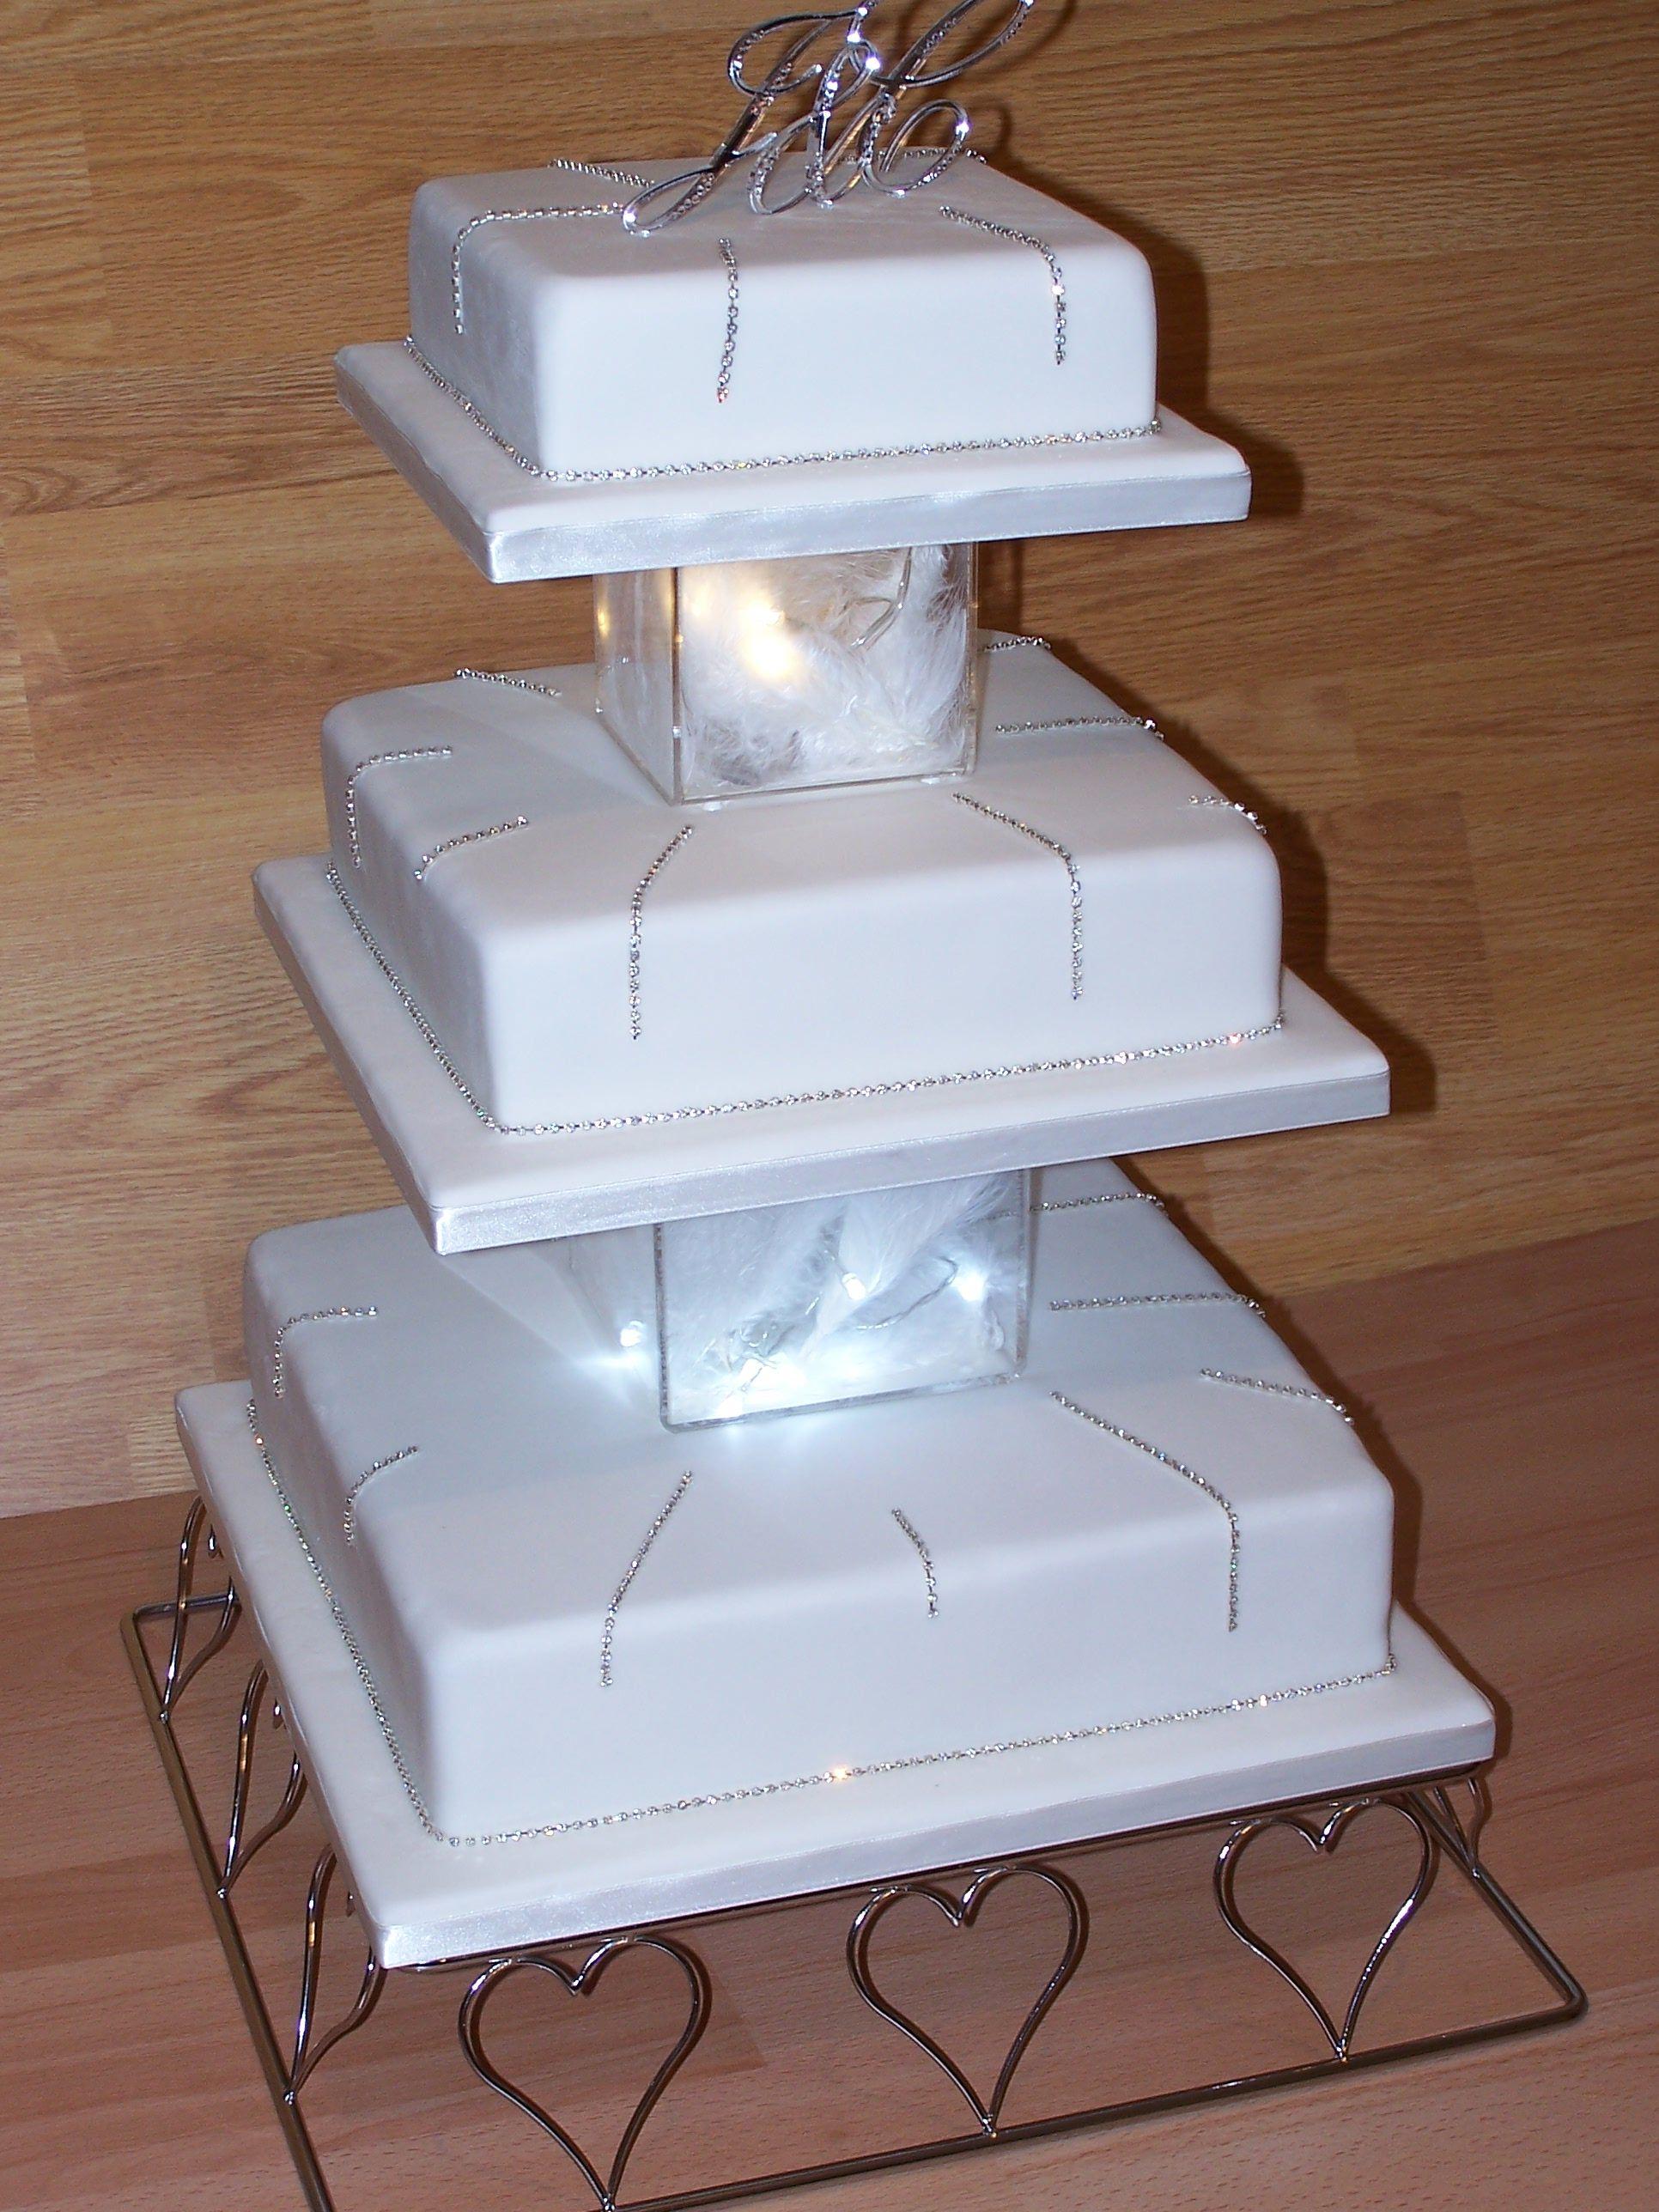 A wedding cakes by ckscakes ltd wedding cakes cake